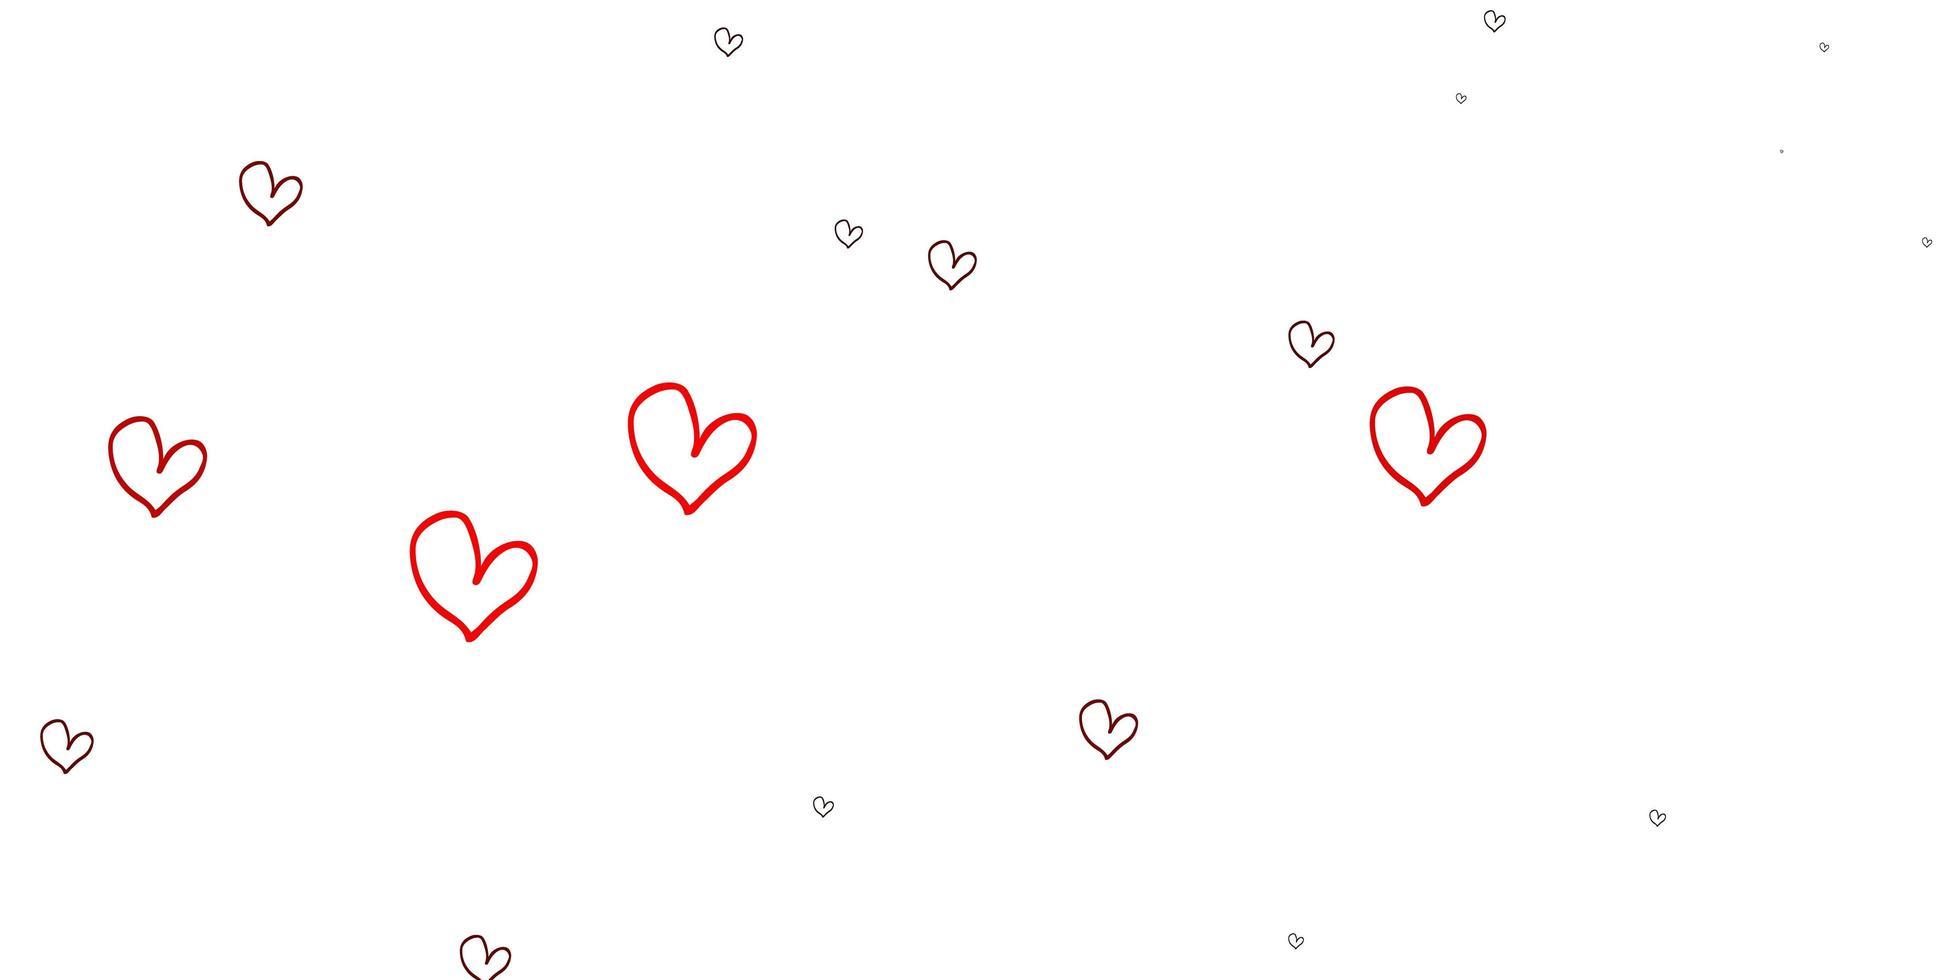 padrão de luz vermelha vector com corações coloridos.